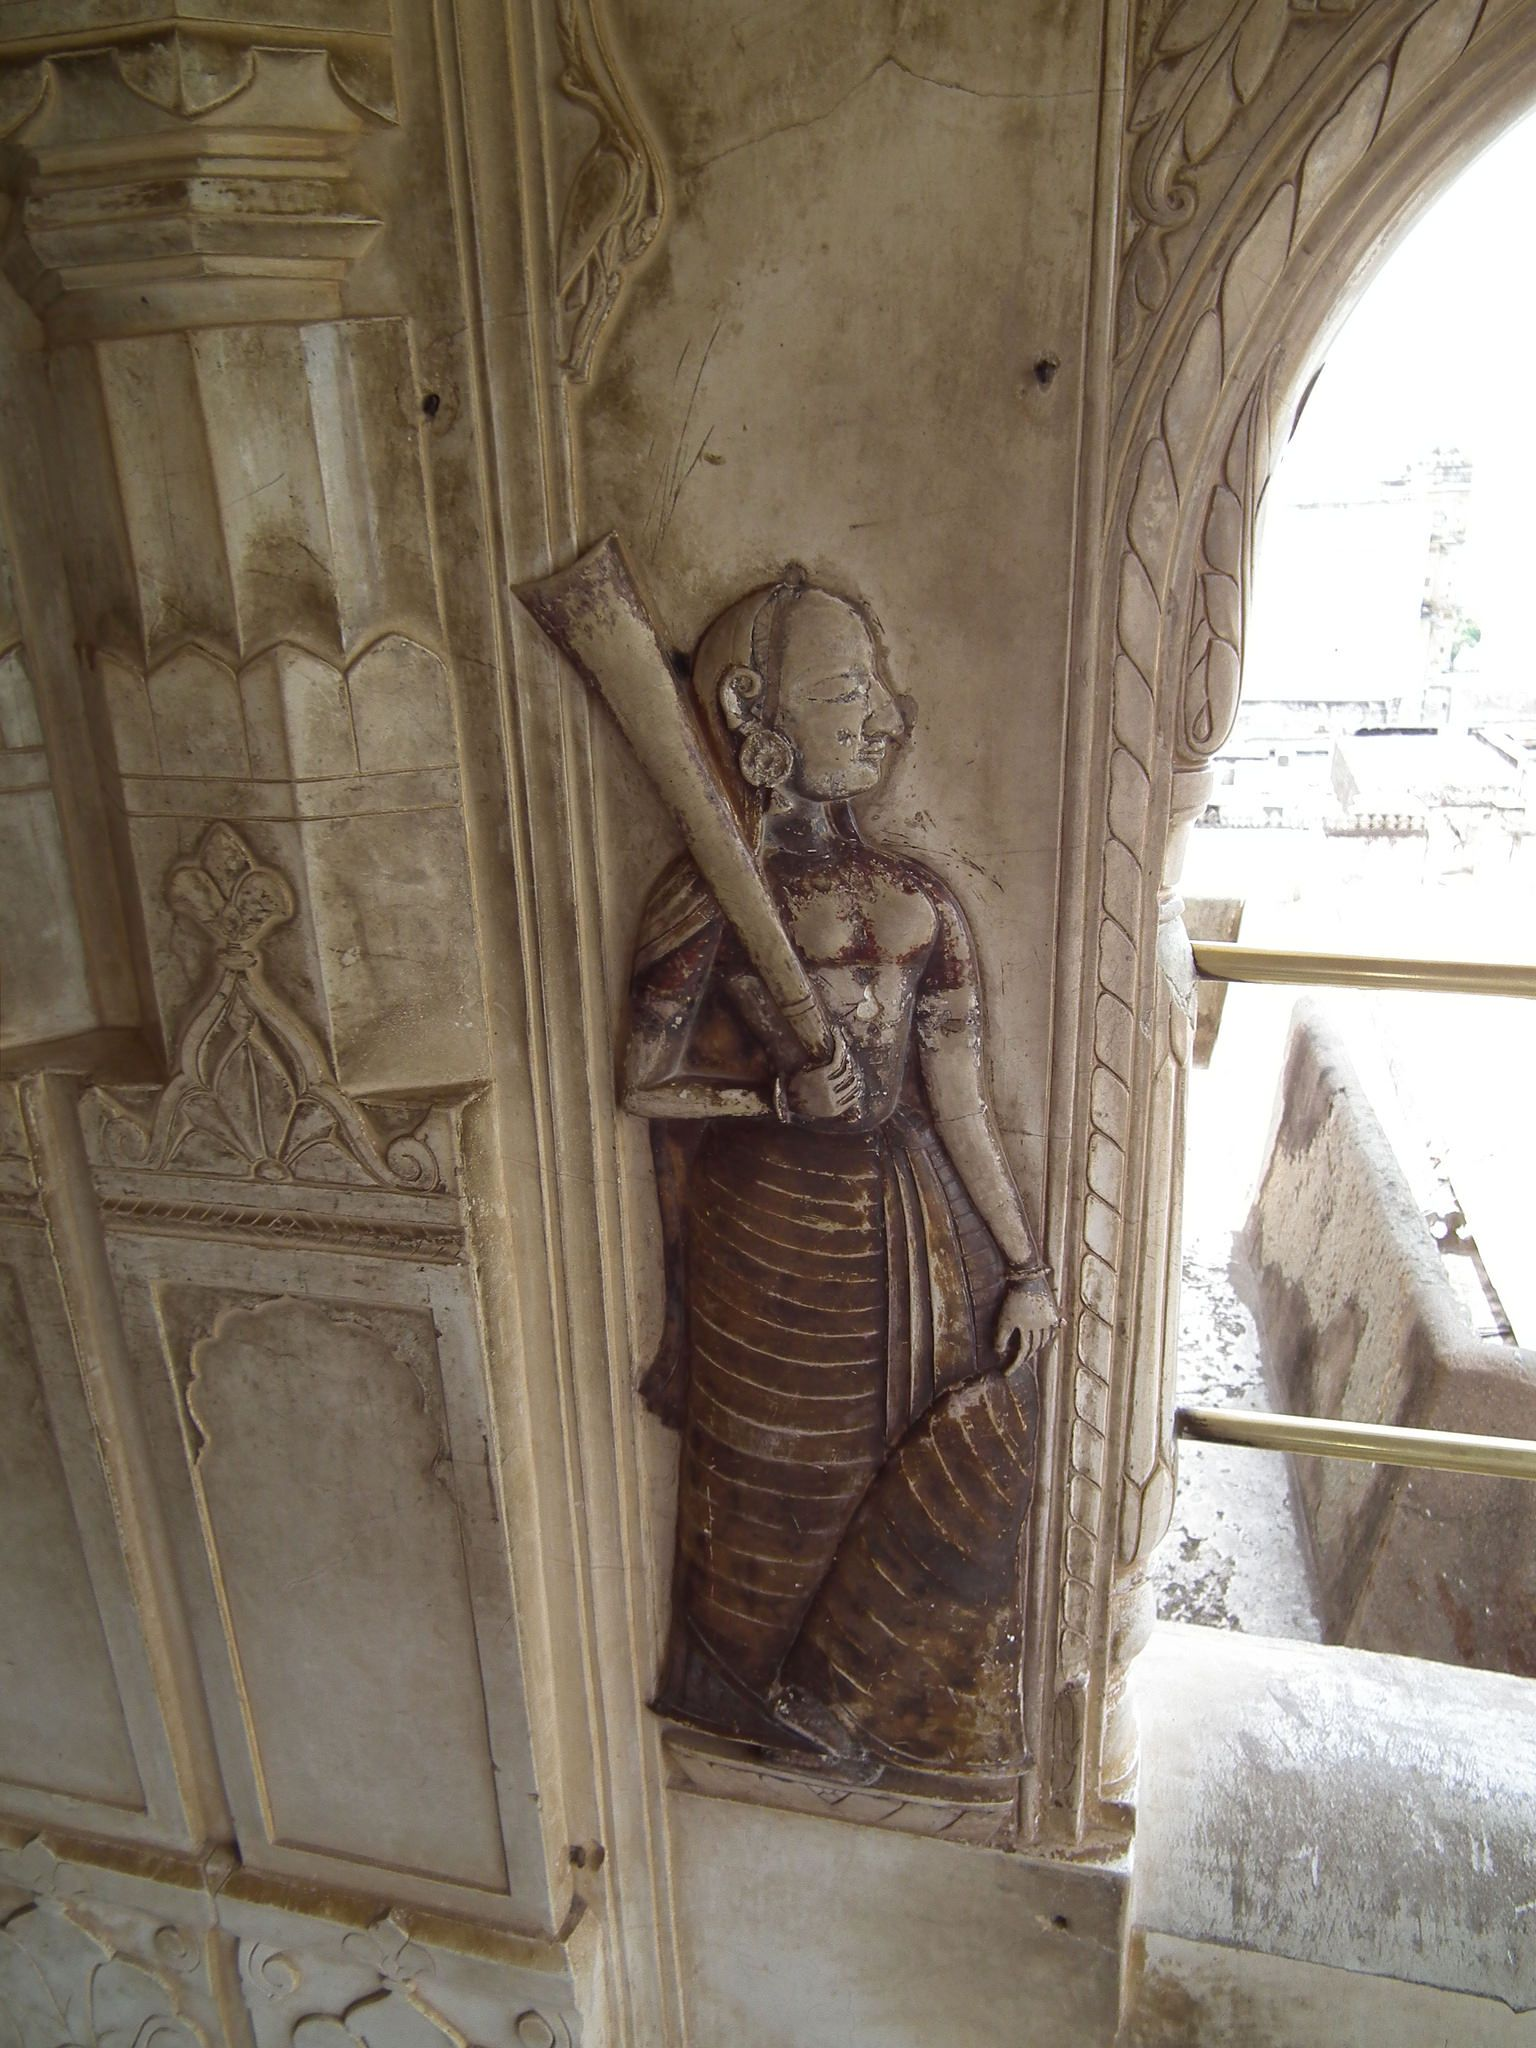 https://flic.kr/p/vzJSYi | DSCF3029 India 2015 Udaipur City Palace